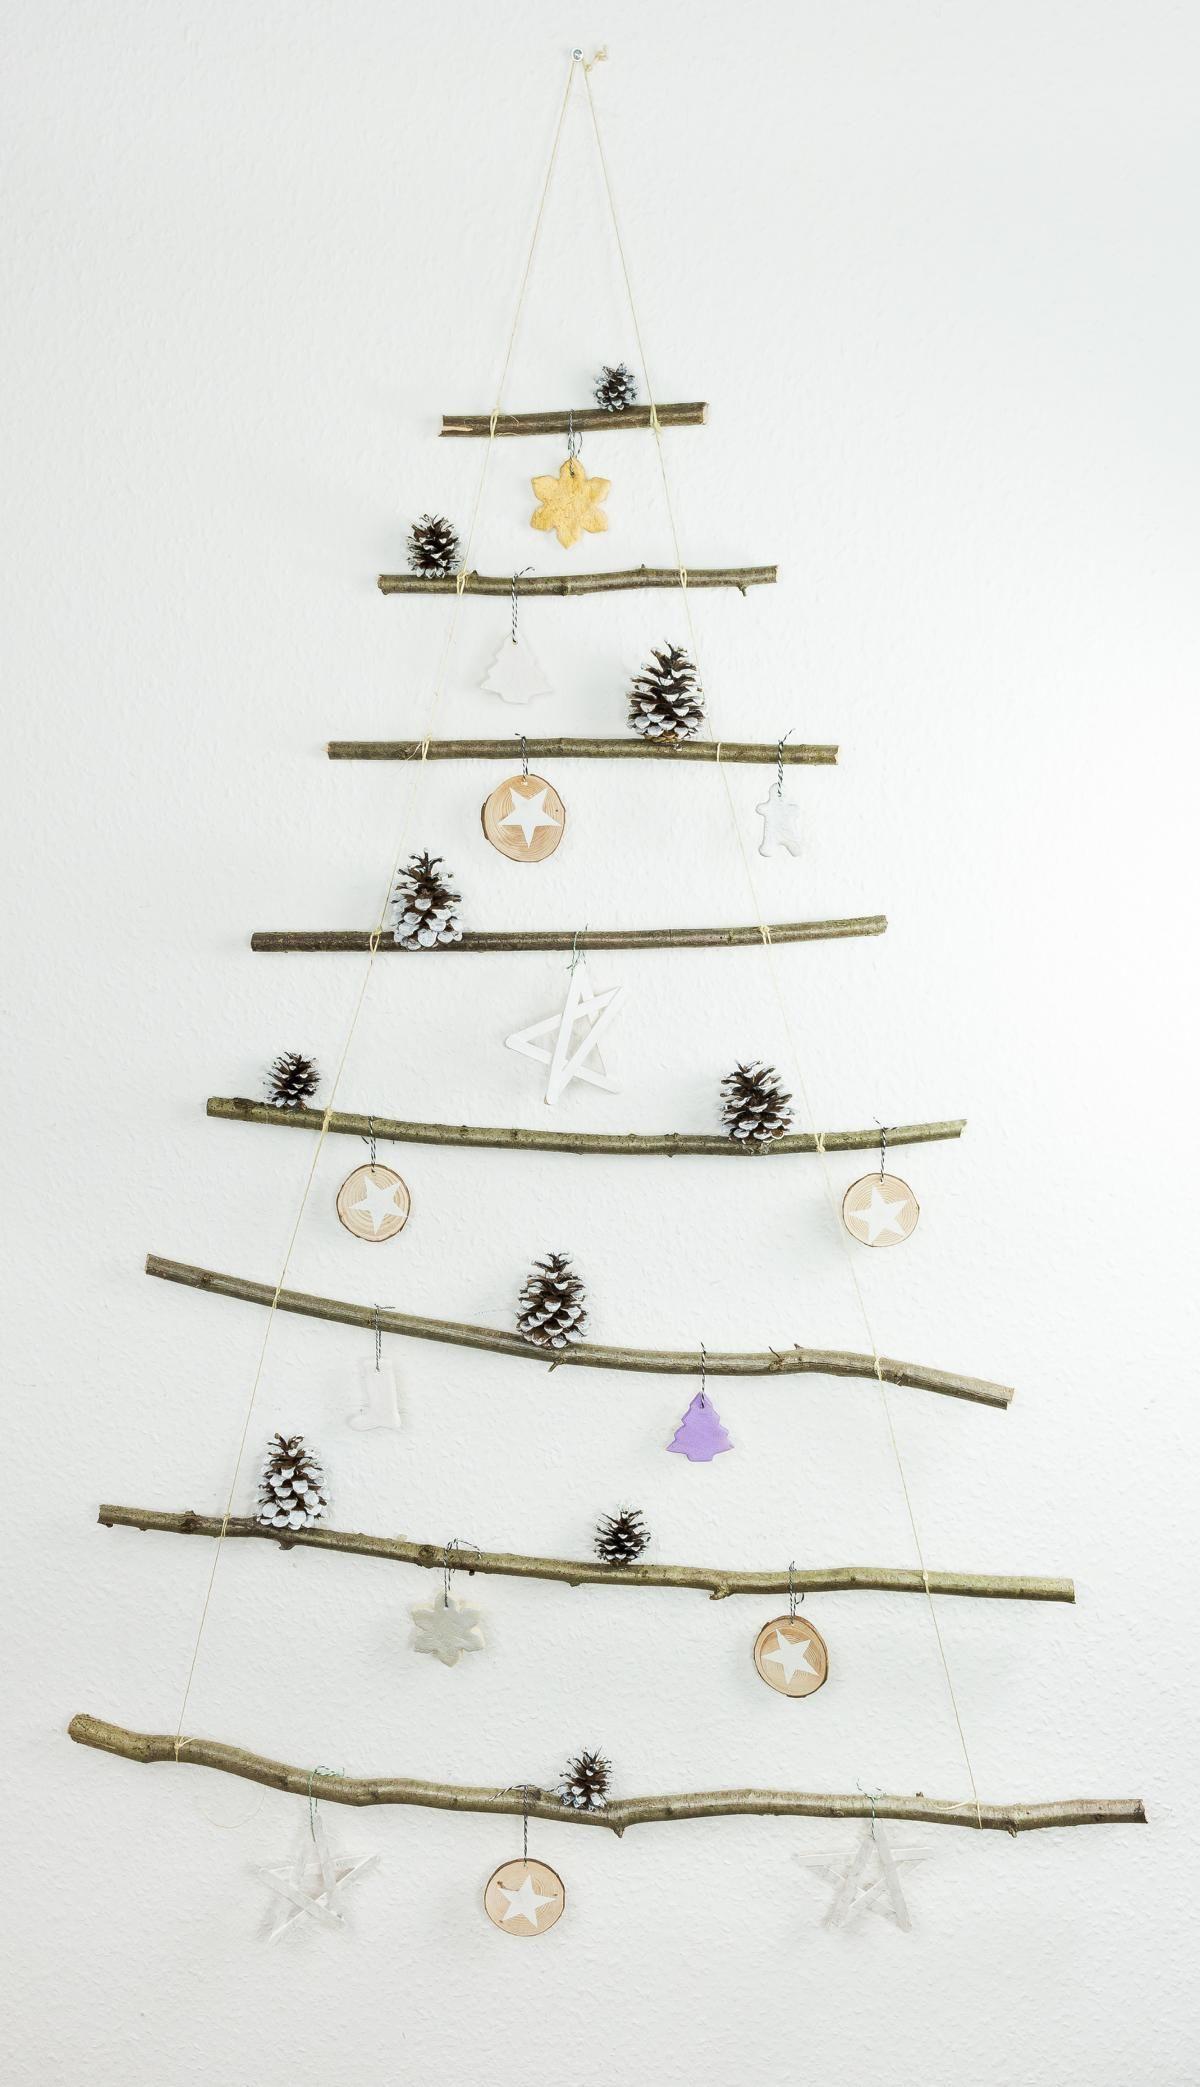 Diy Weihnachtsbaum Aus ästen Basteln Einfach Und Günstig